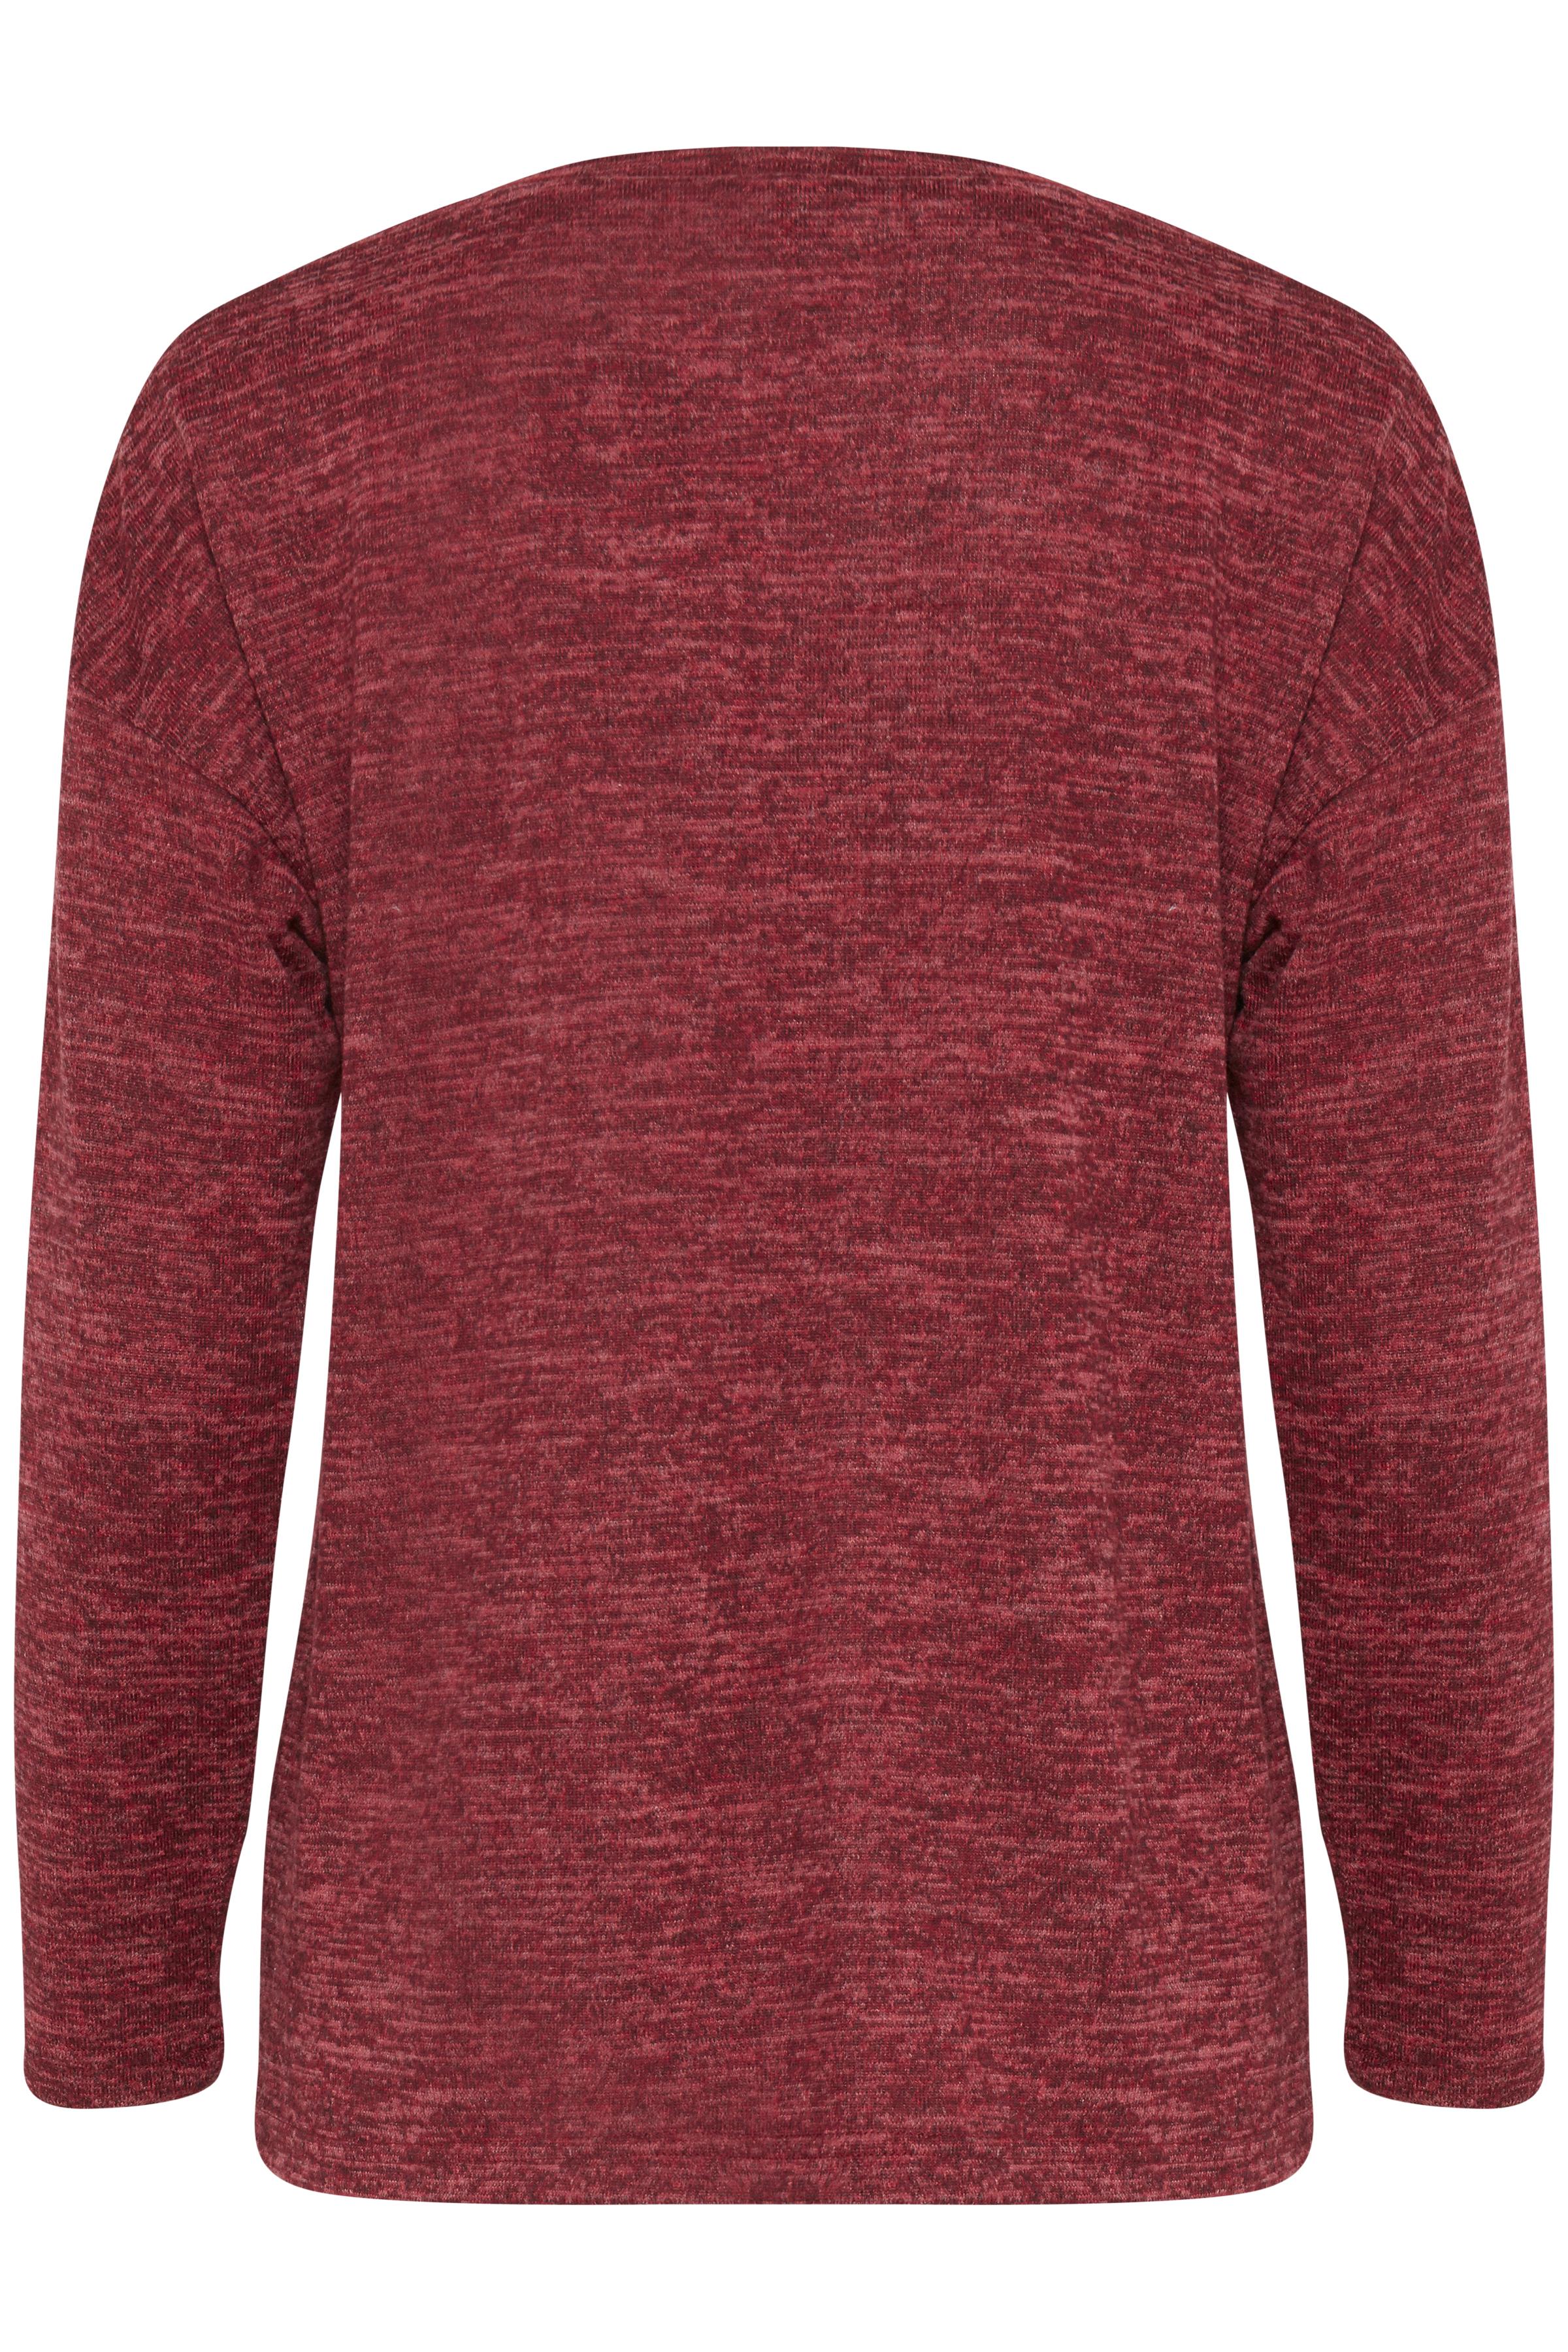 Blood Red melange Langærmet bluse fra b.young – Køb Blood Red melange Langærmet bluse fra str. XS-XXL her